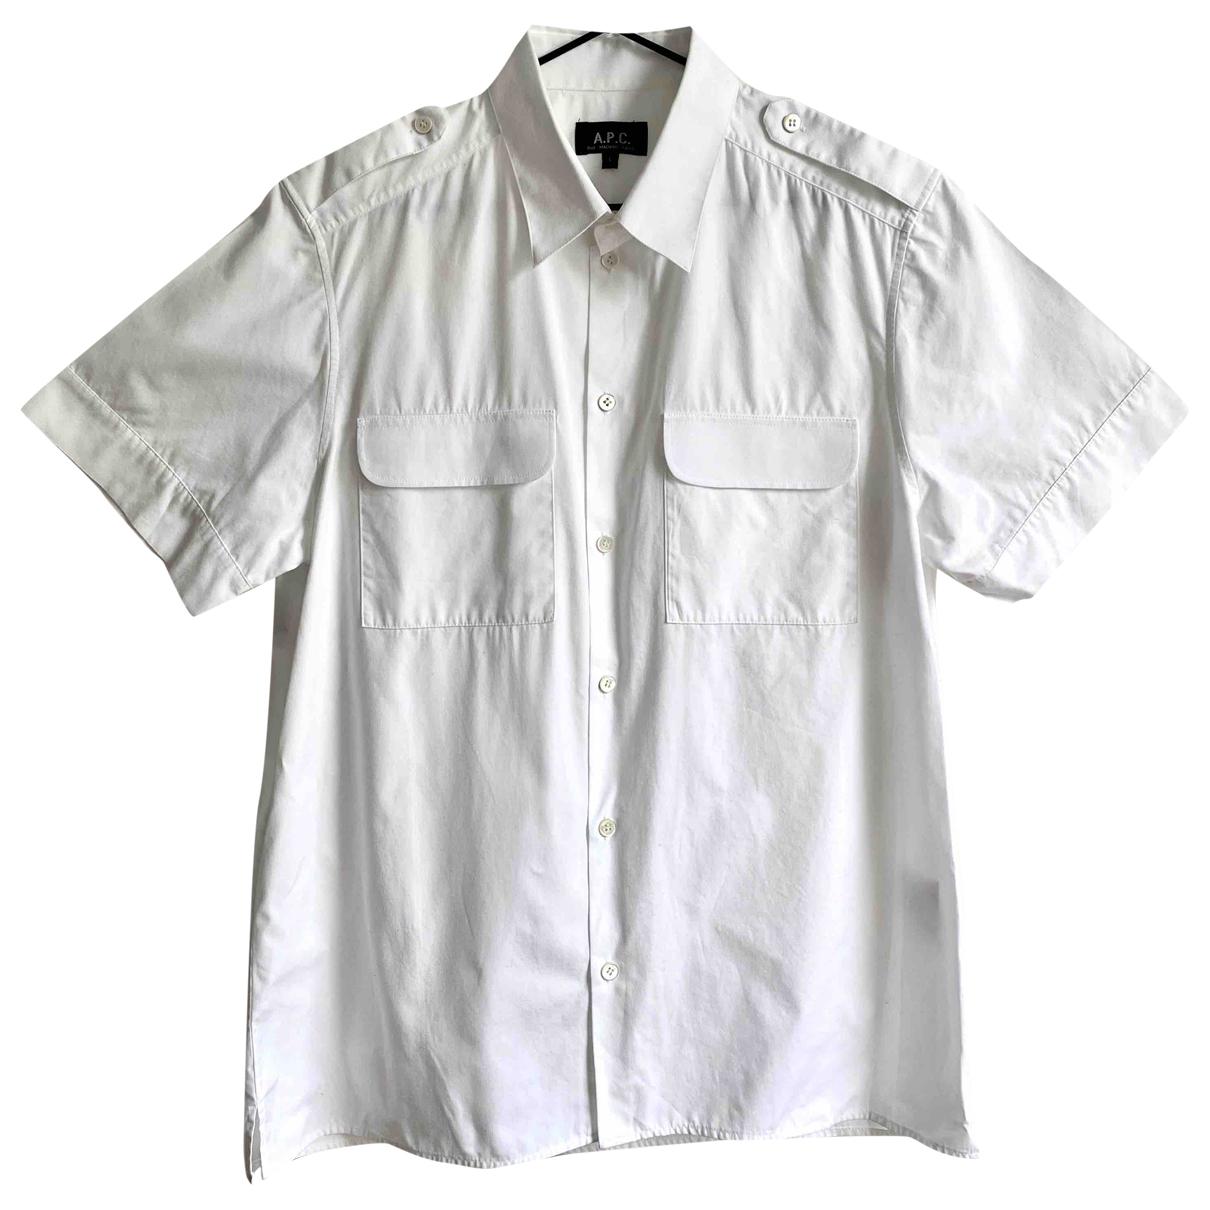 Apc - Chemises   pour homme en coton - blanc